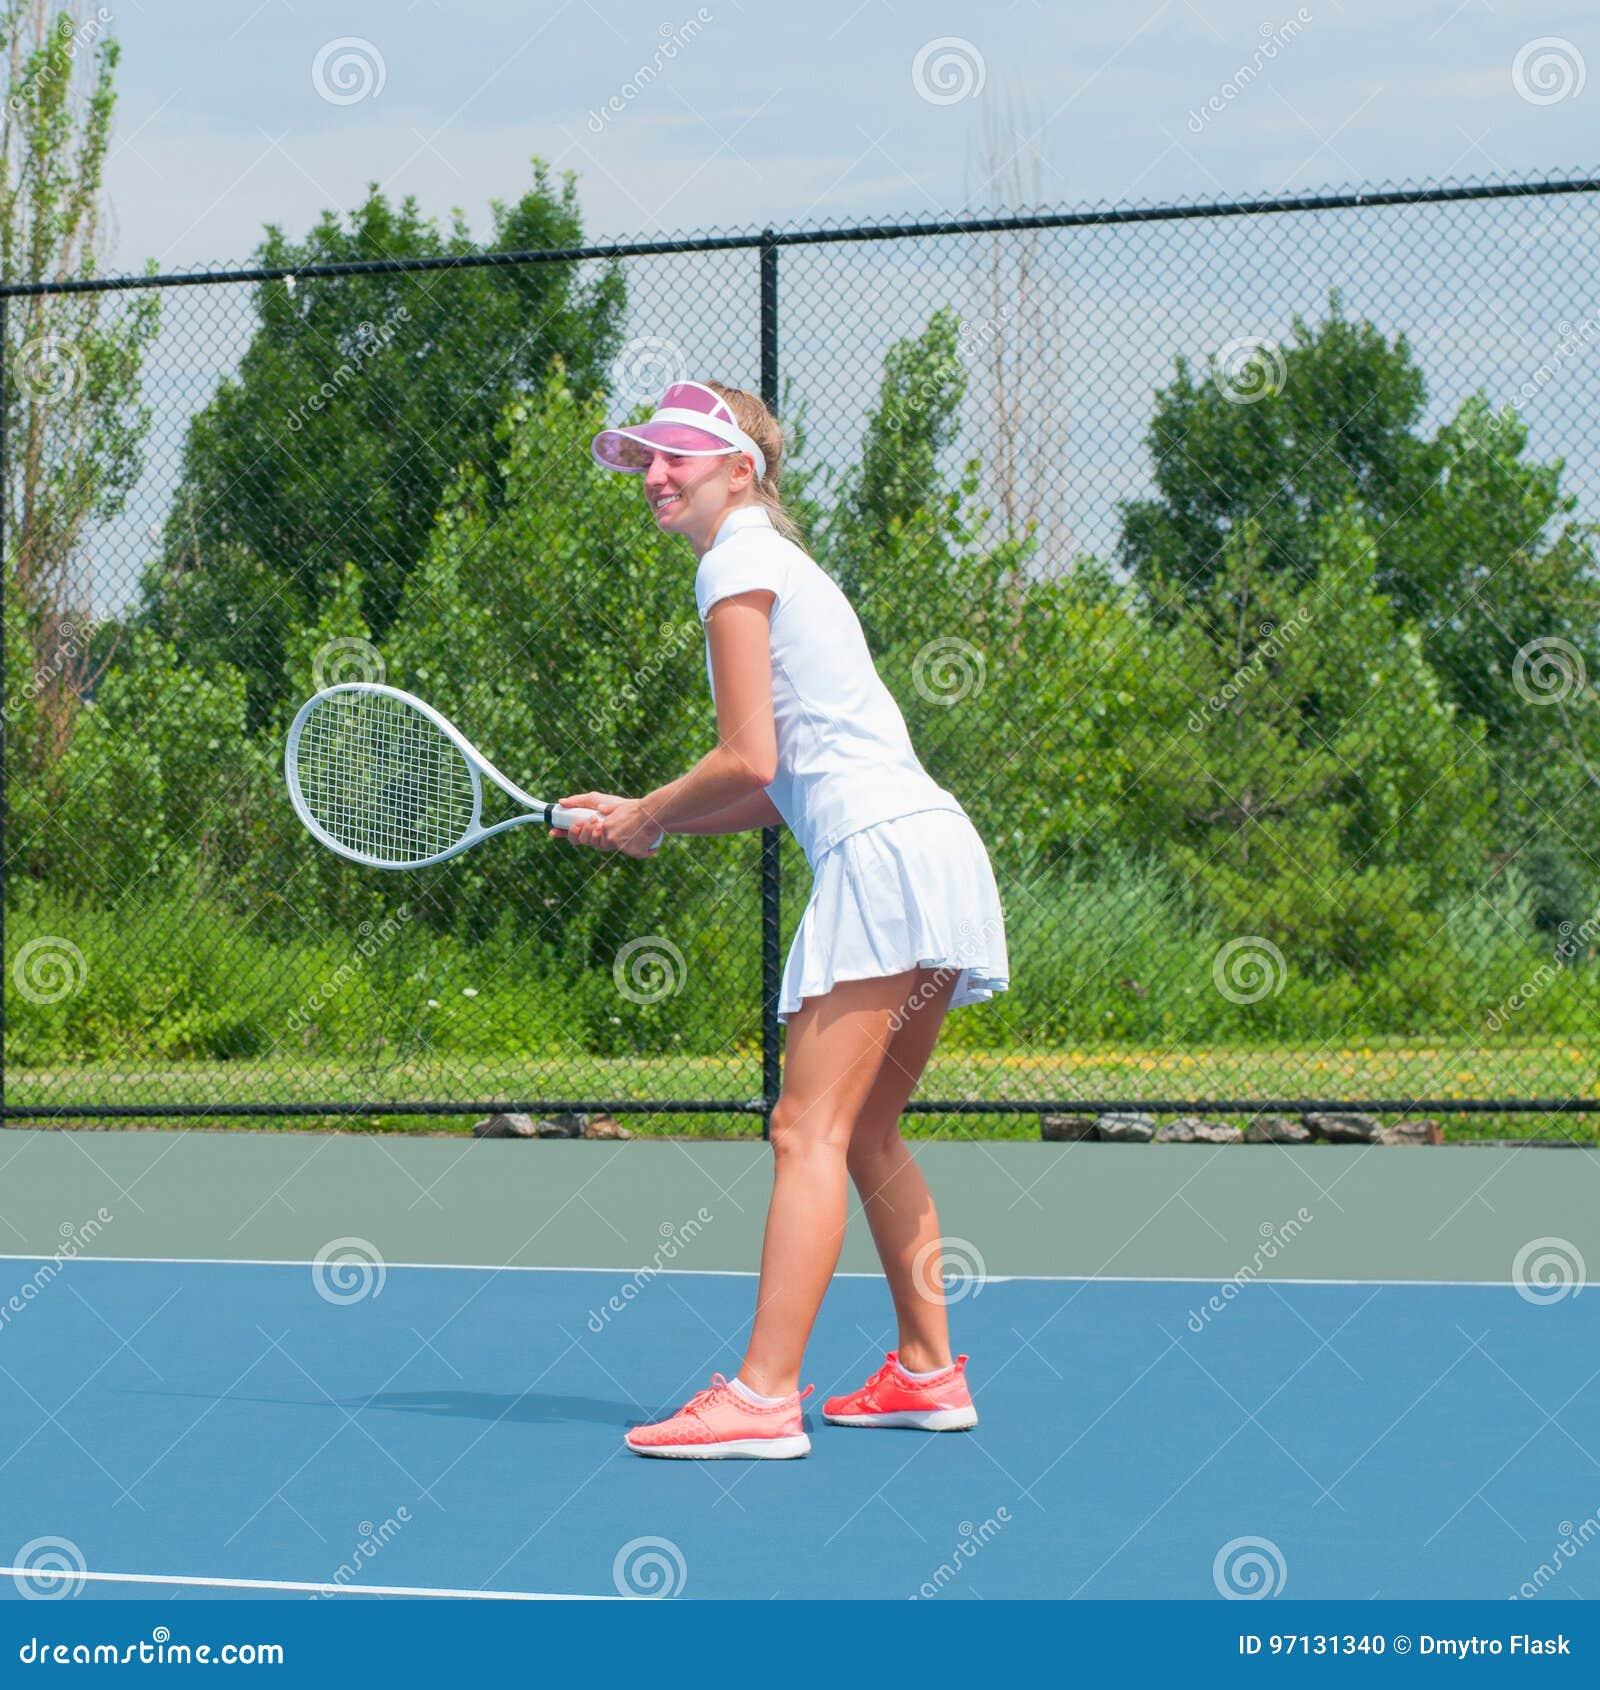 fbc3bf0be8 La mujer joven está jugando a tenis en el campo de tenis en un día soleado  hermoso